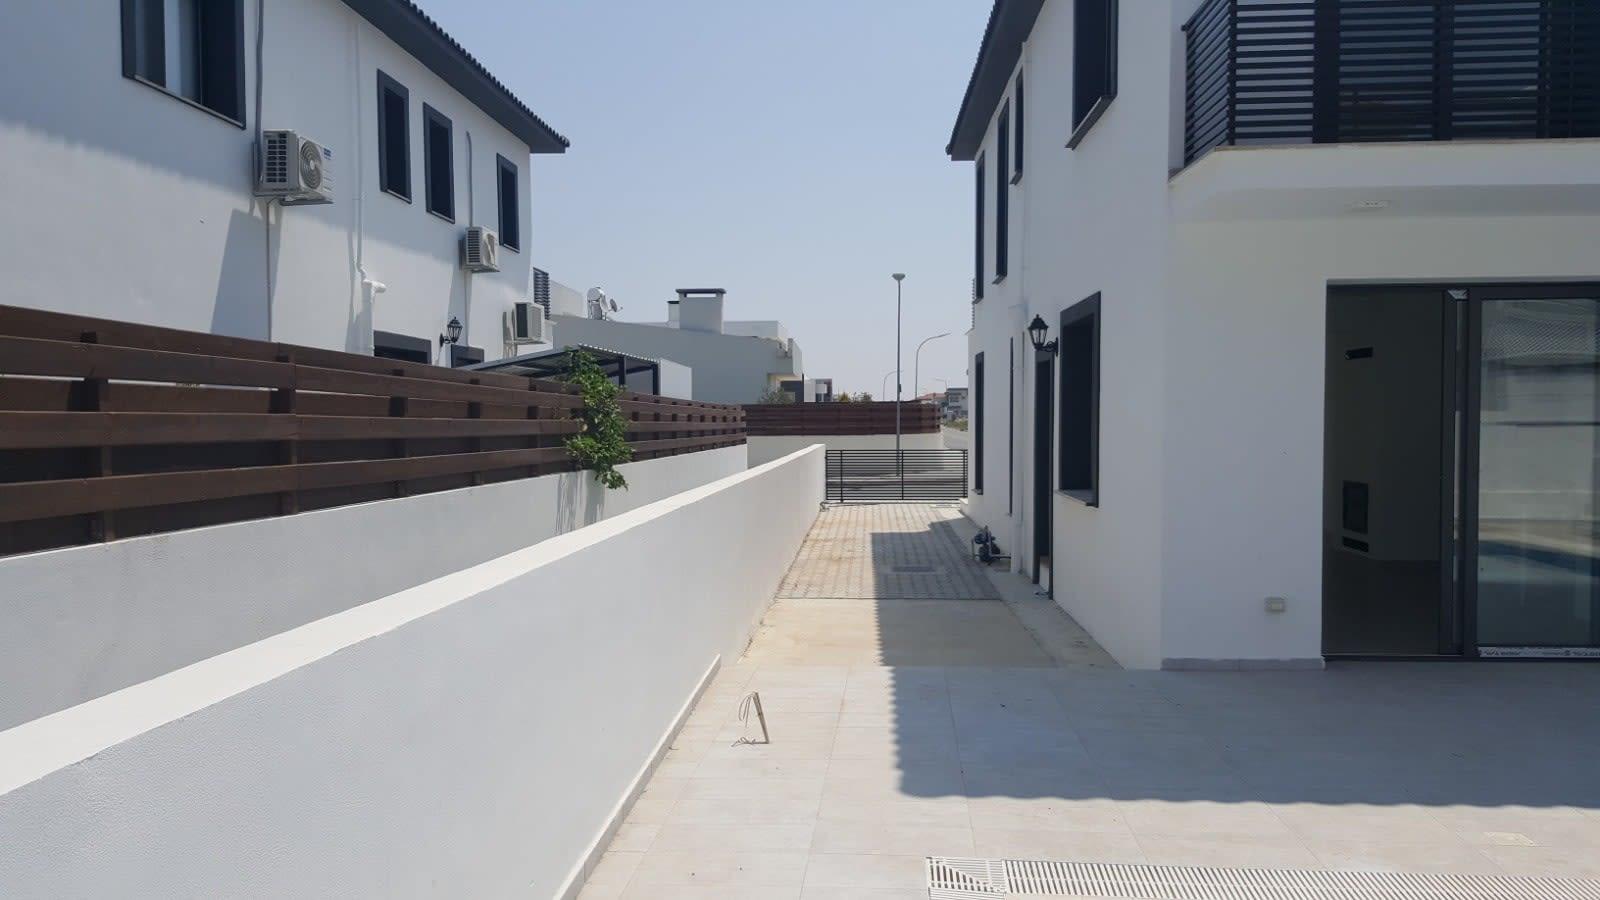 Yenikent'te 4 Yatak Odalı Satılık Havuzlu ve Türk Malı Villa 5272